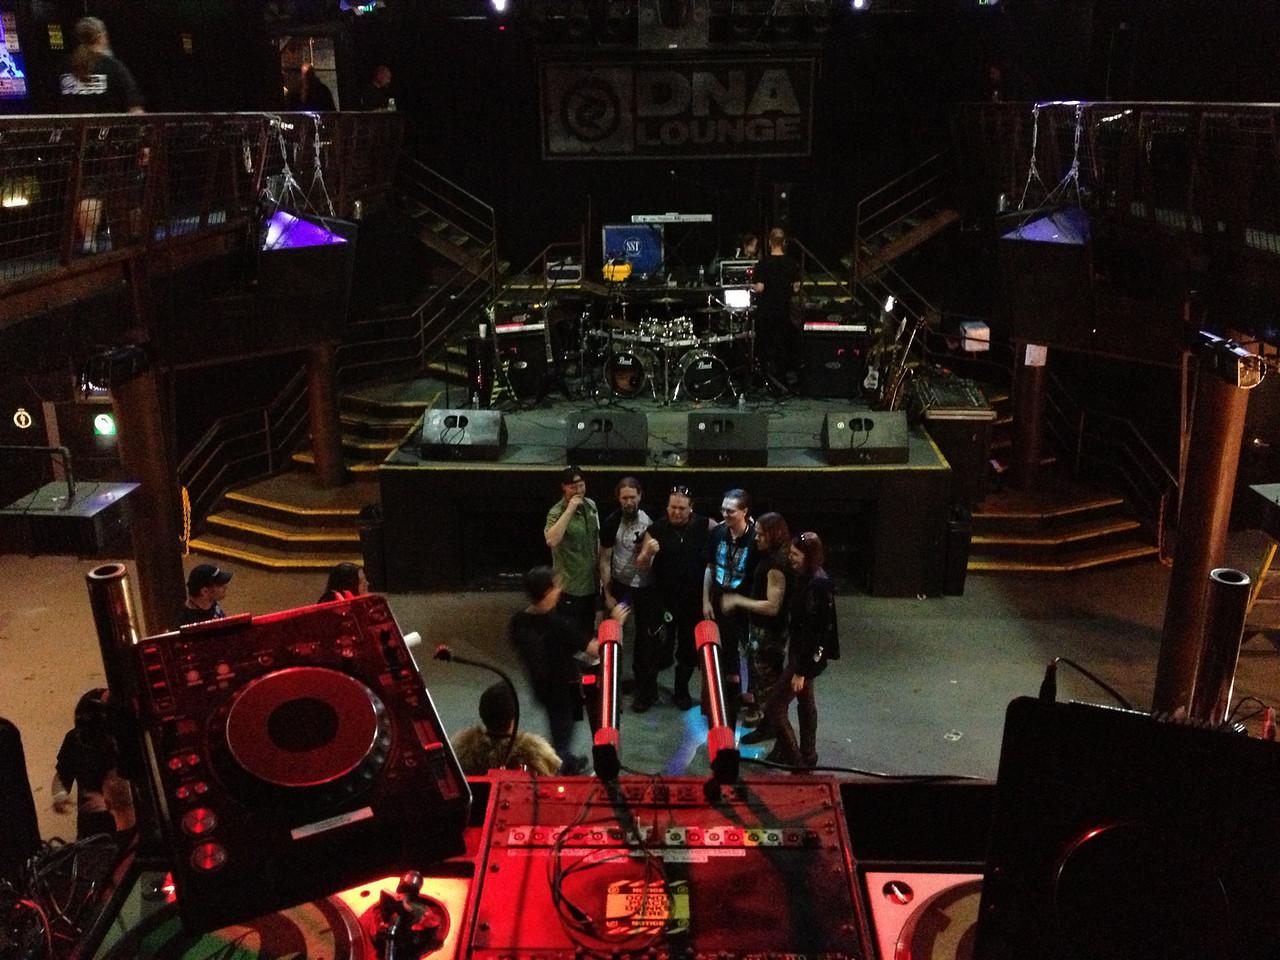 Ensiferum meet & greet at DNA lounge